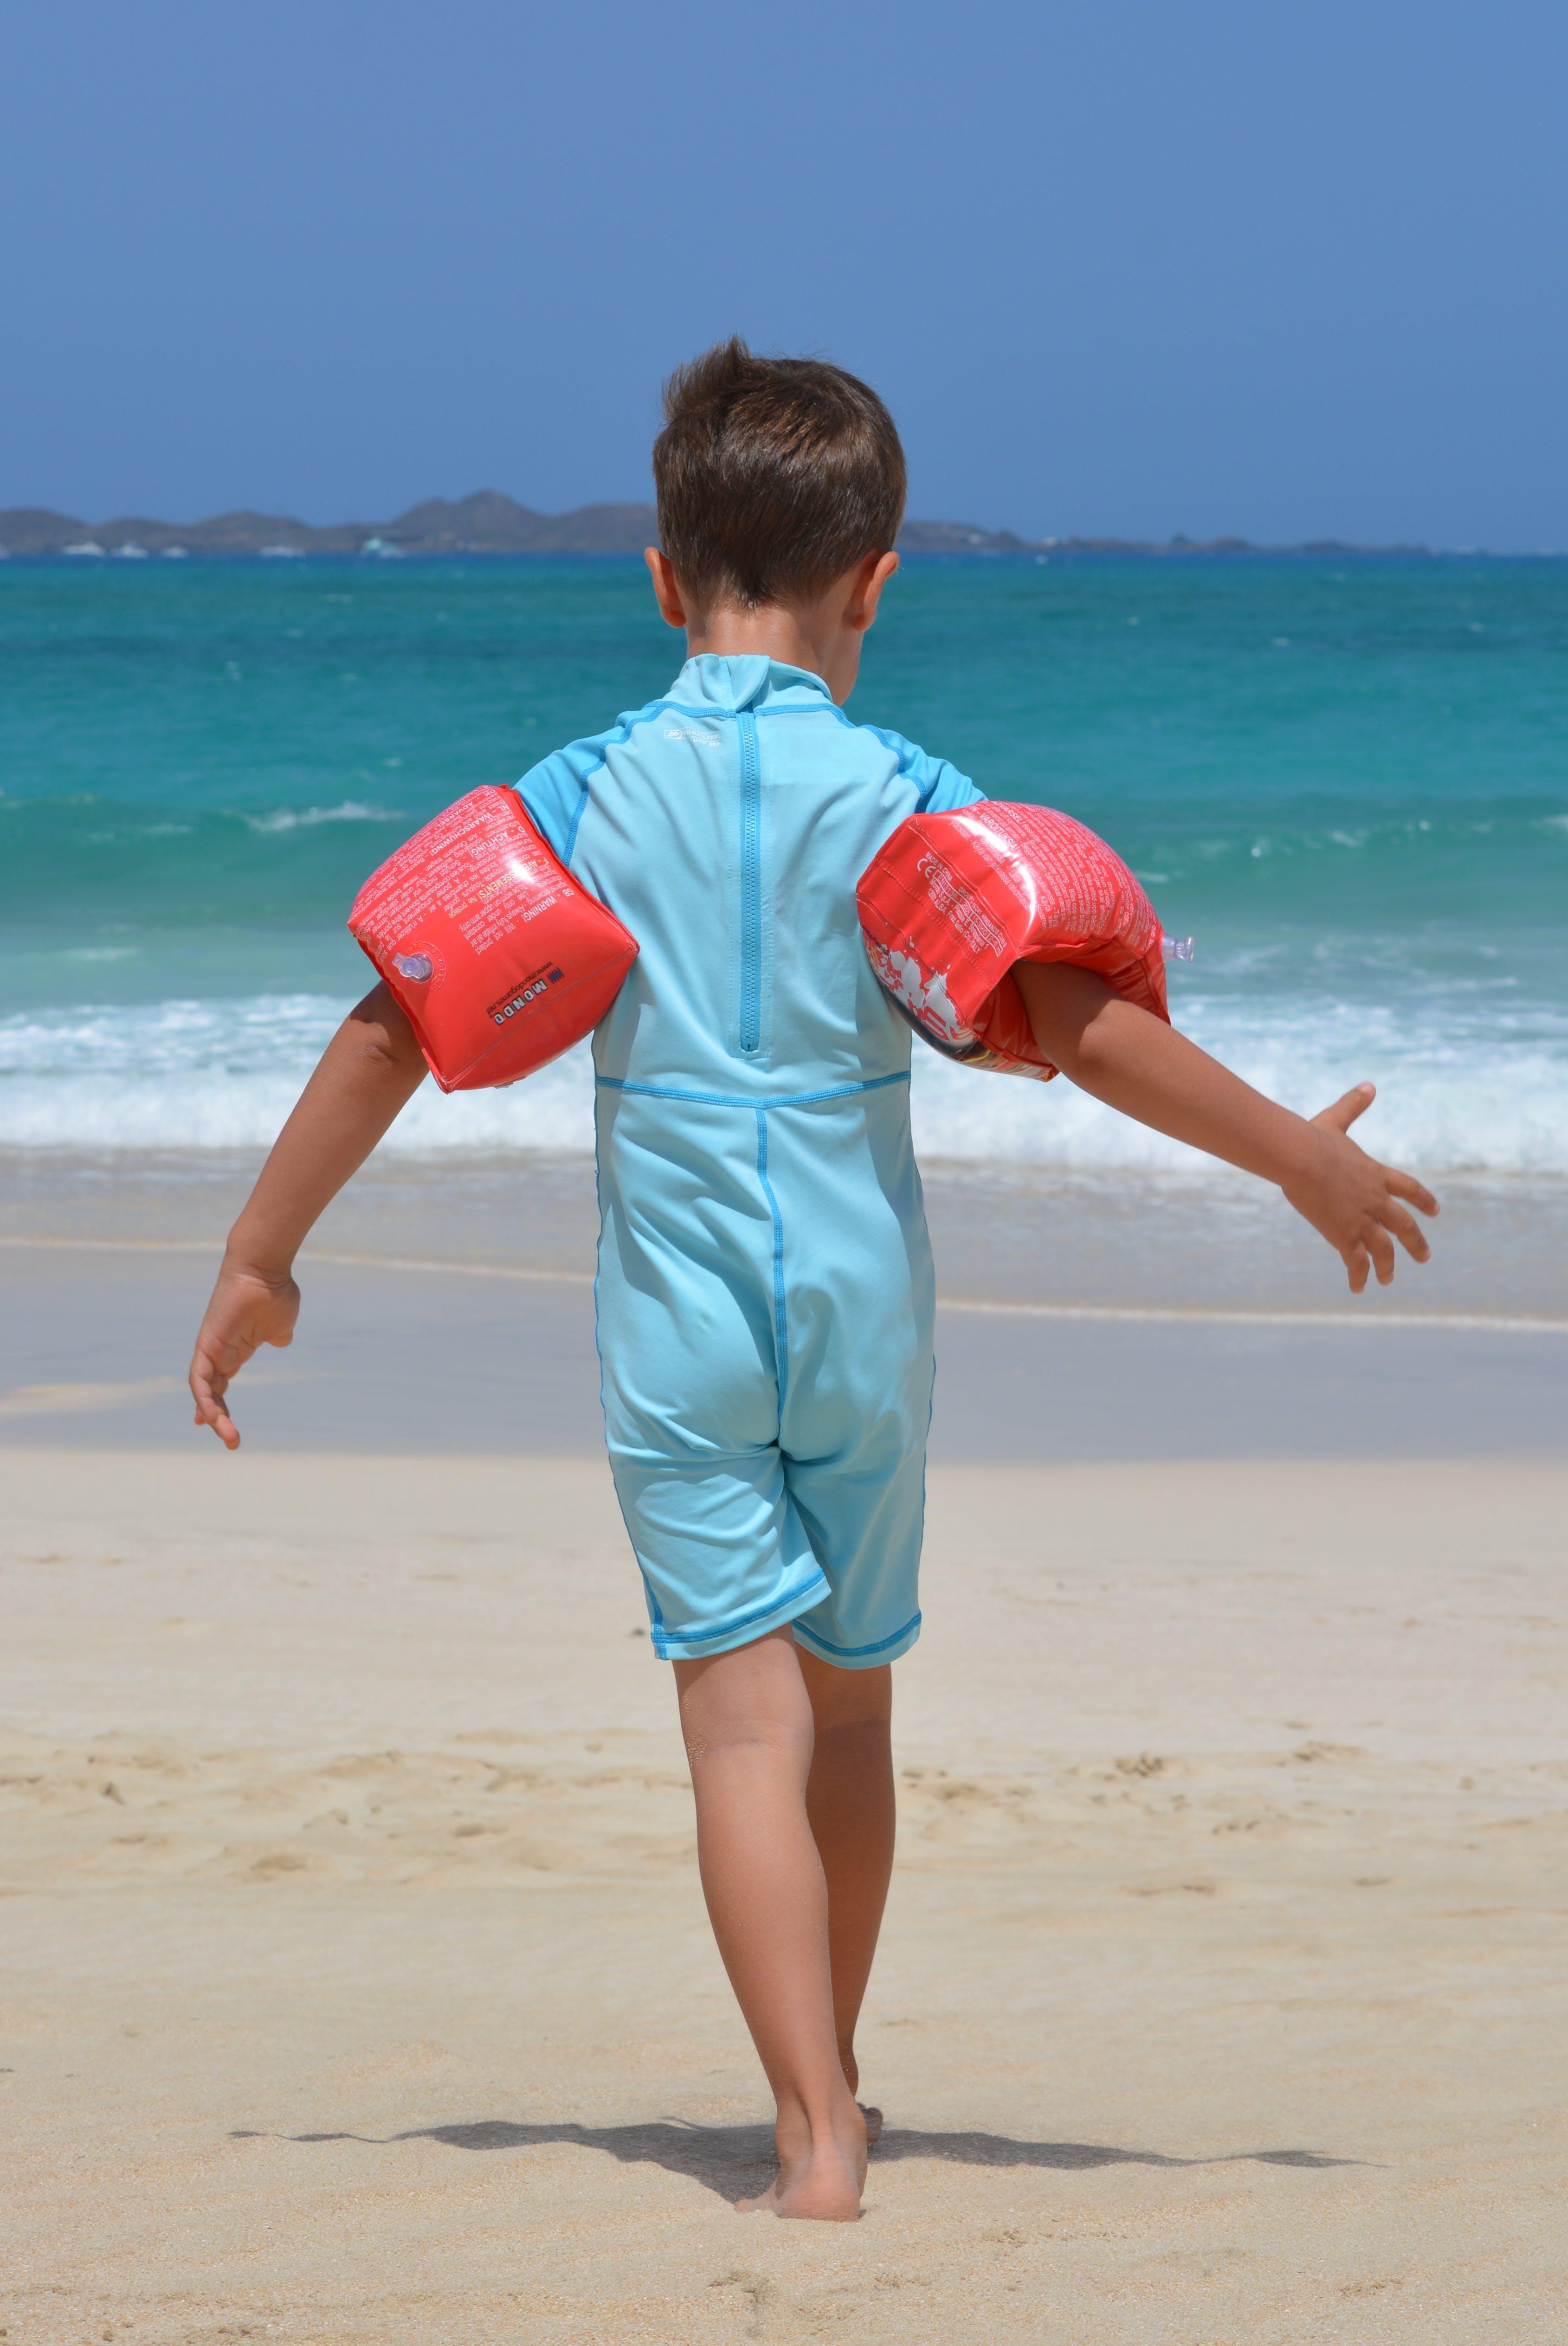 Boy on Blue Onesie on Beach during Day